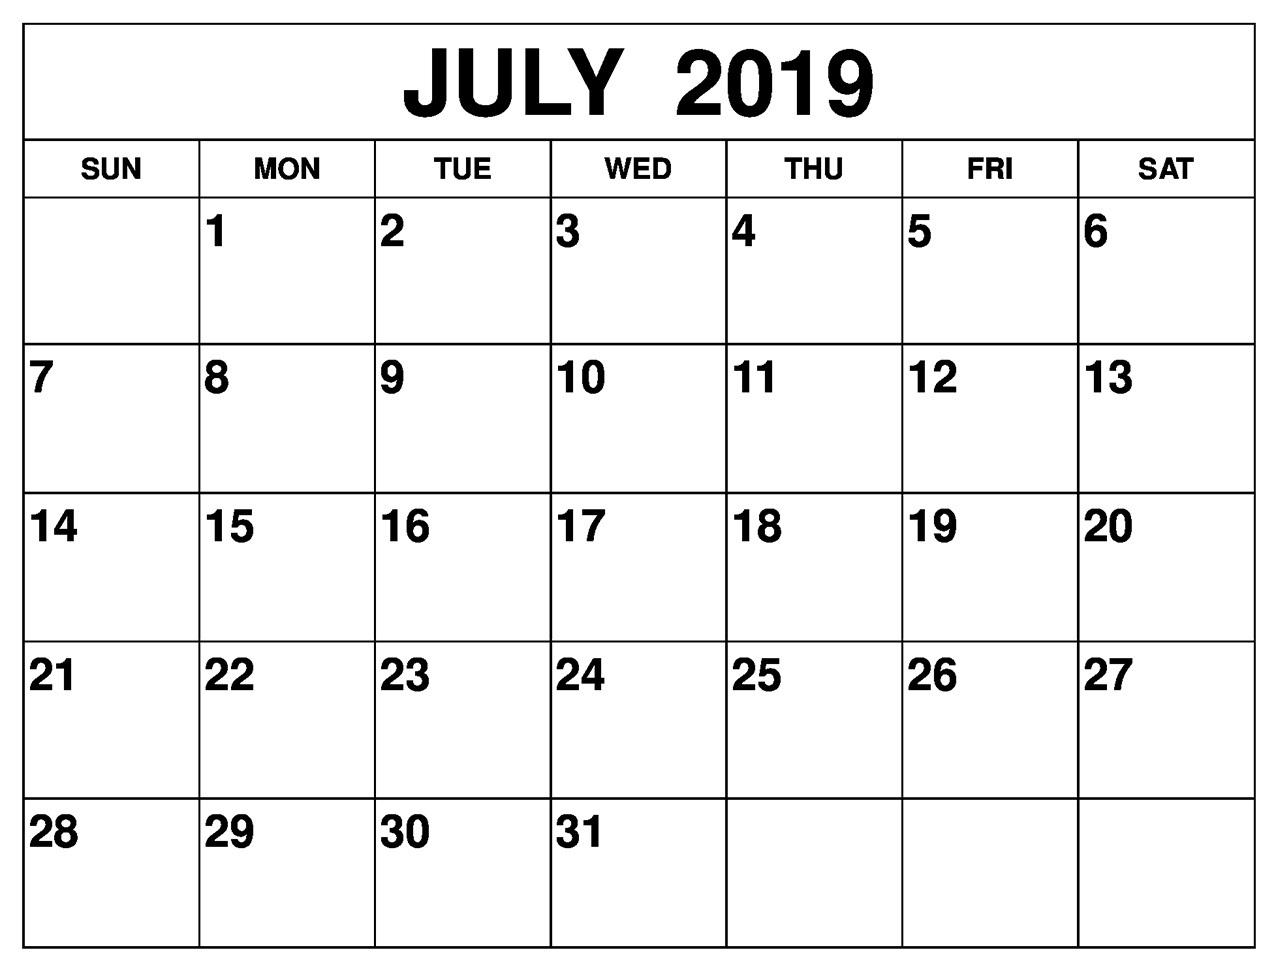 July 2019 Calendar Printable For Landscape And Vertical